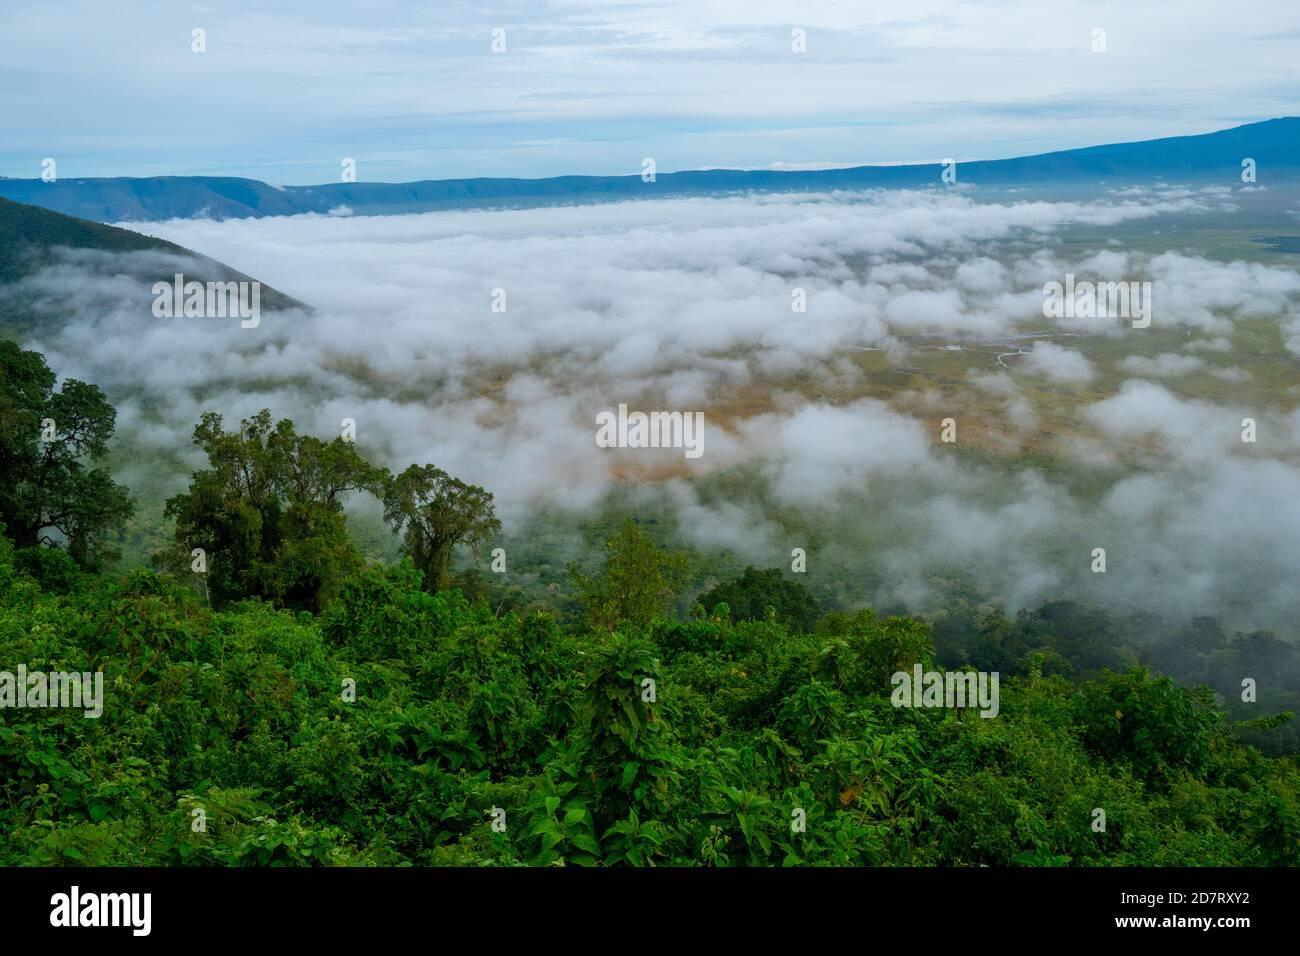 El Área de Conservación de Ngorongoro, es un área protegida y Patrimonio de la Humanidad ubicada a 180 km (110 mi) al oeste de Arusha, en la zona de Crater Highlands de tan Foto de stock